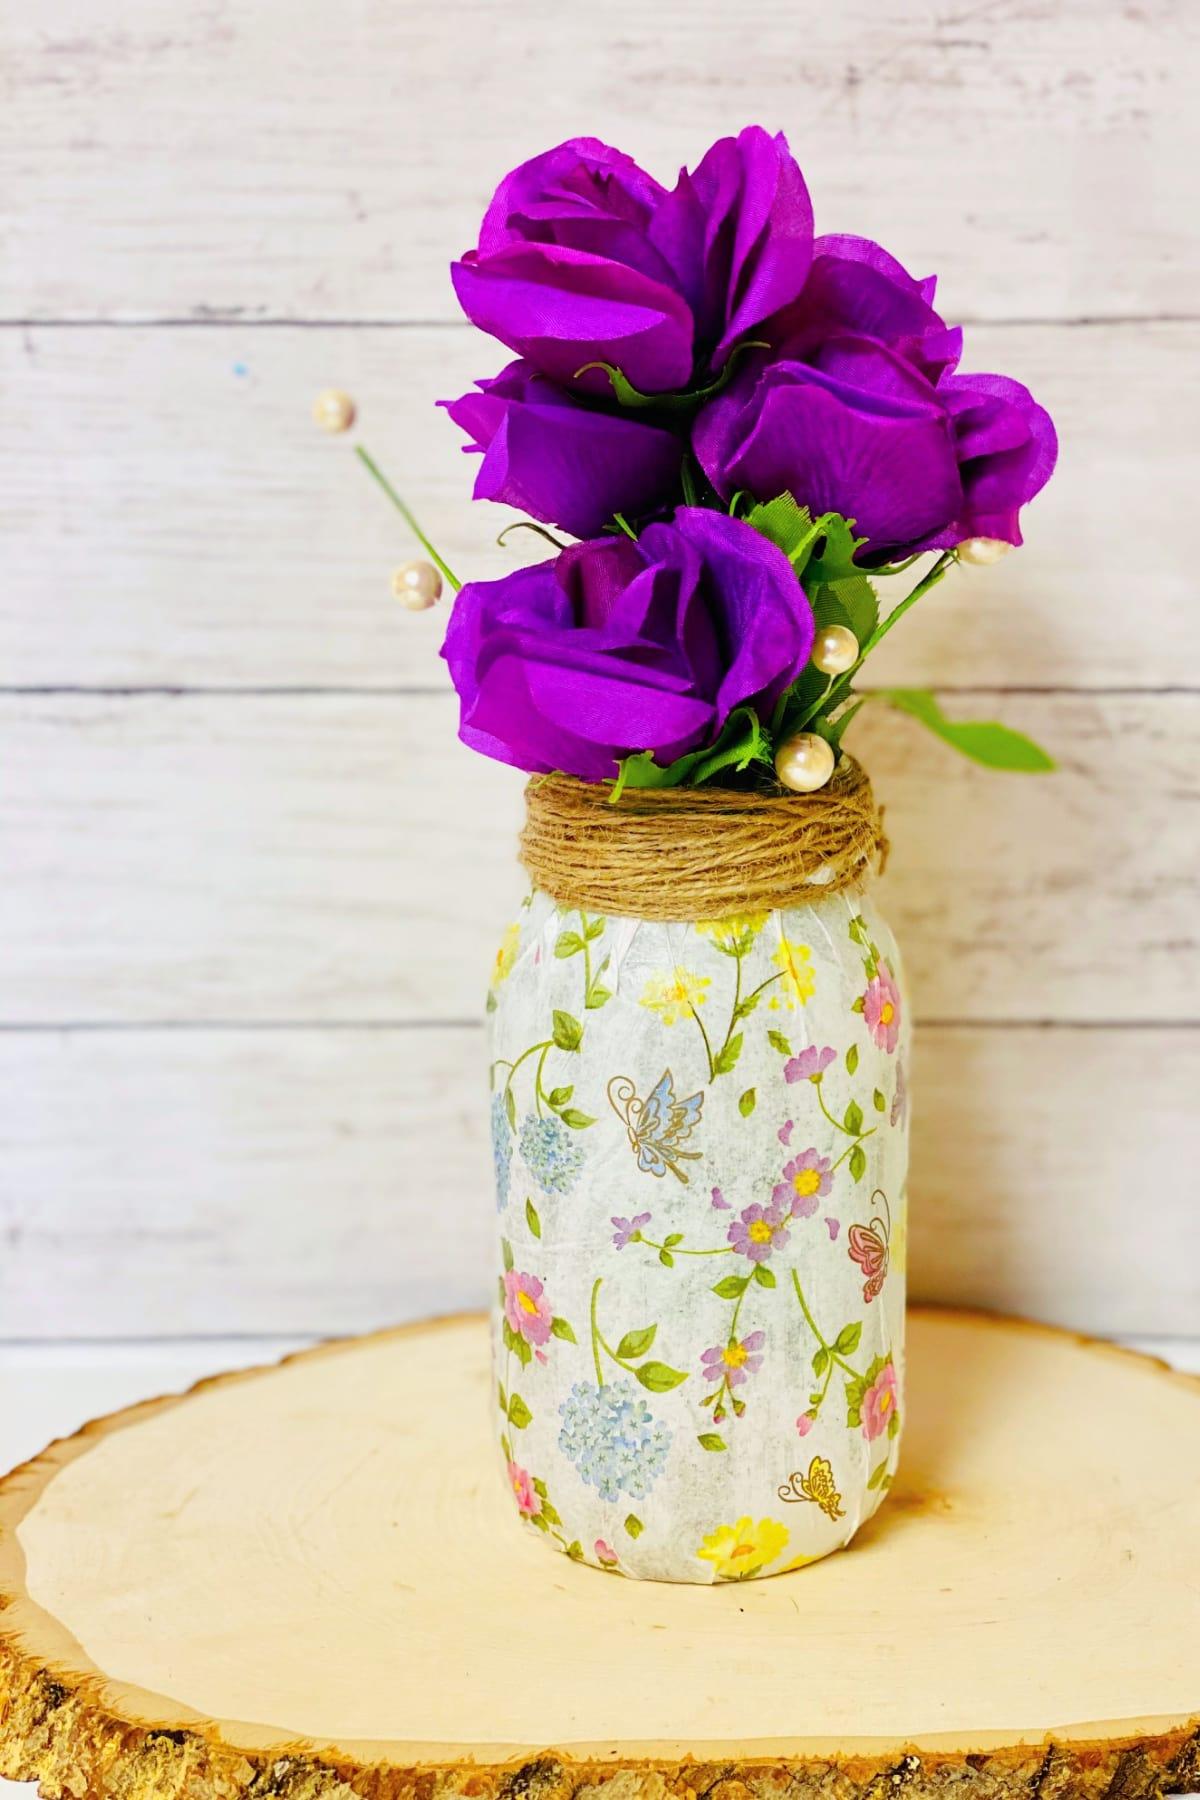 mason jar vase with purple flowers